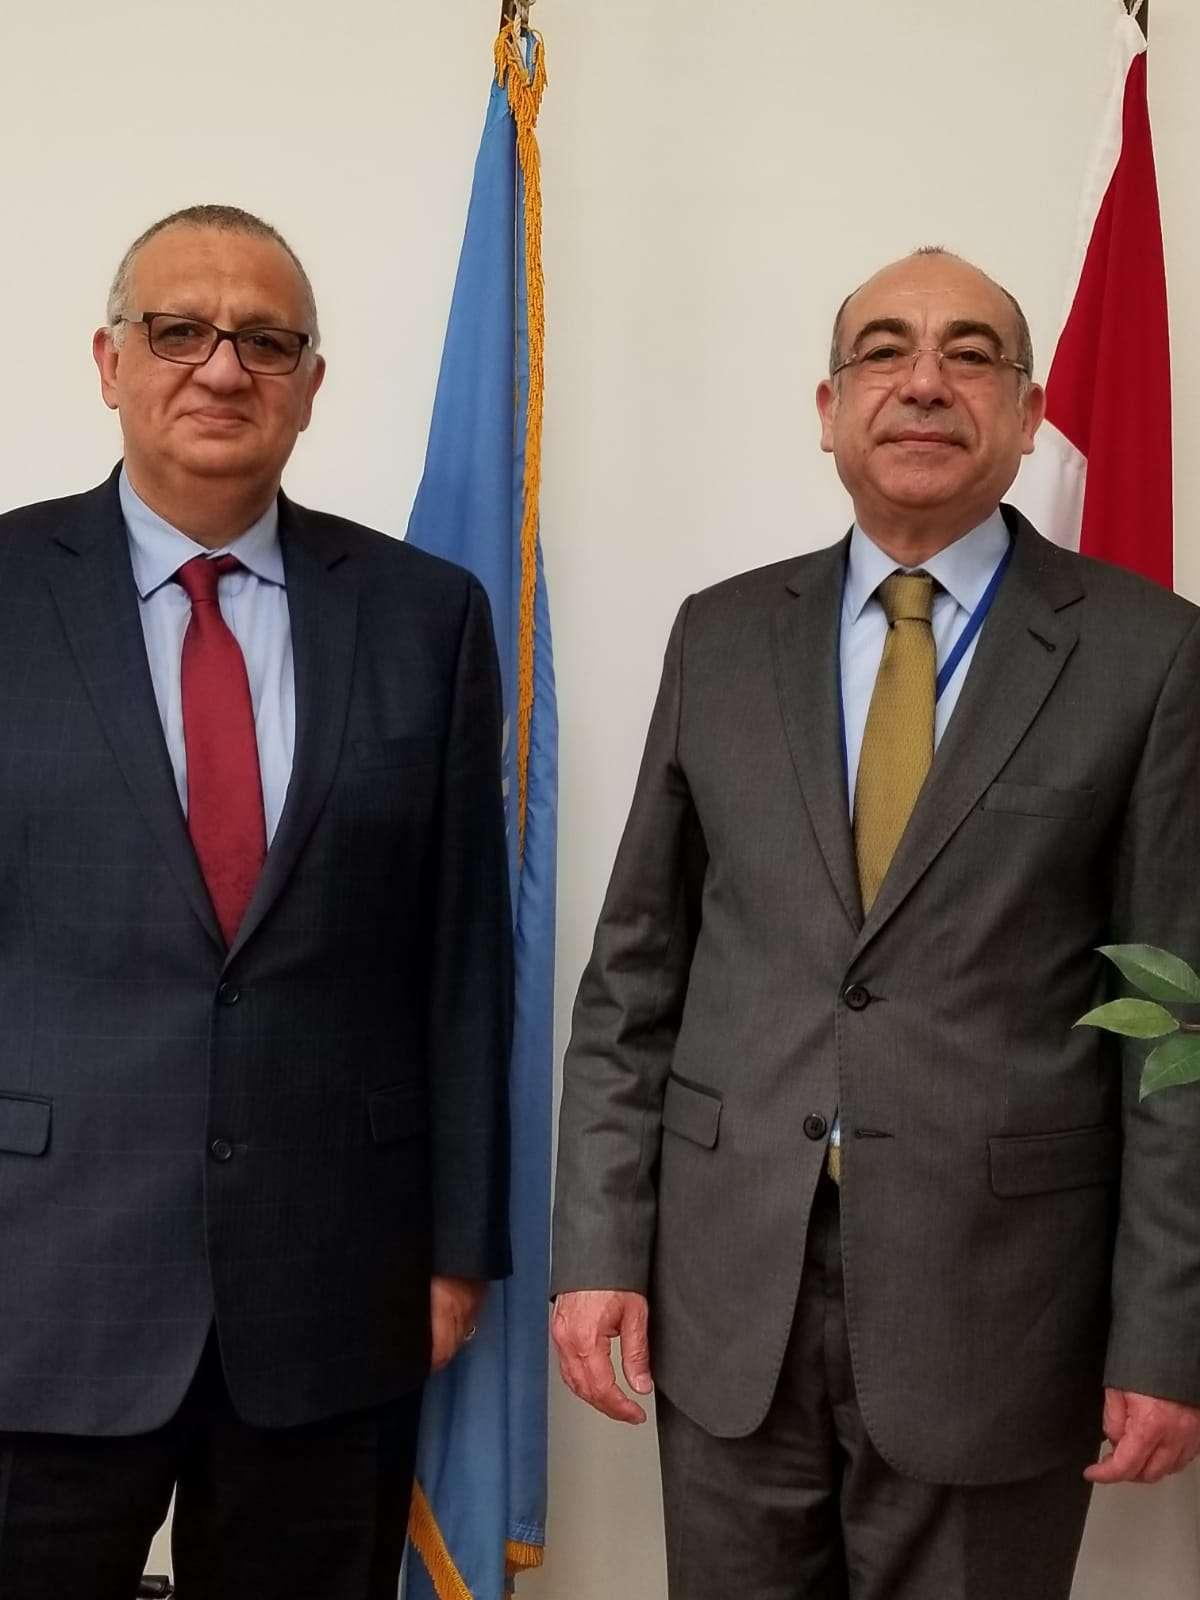 حوار شامل مع السفير محمد إدريس رئيس البعثة المصرية بالأمم المتحدة